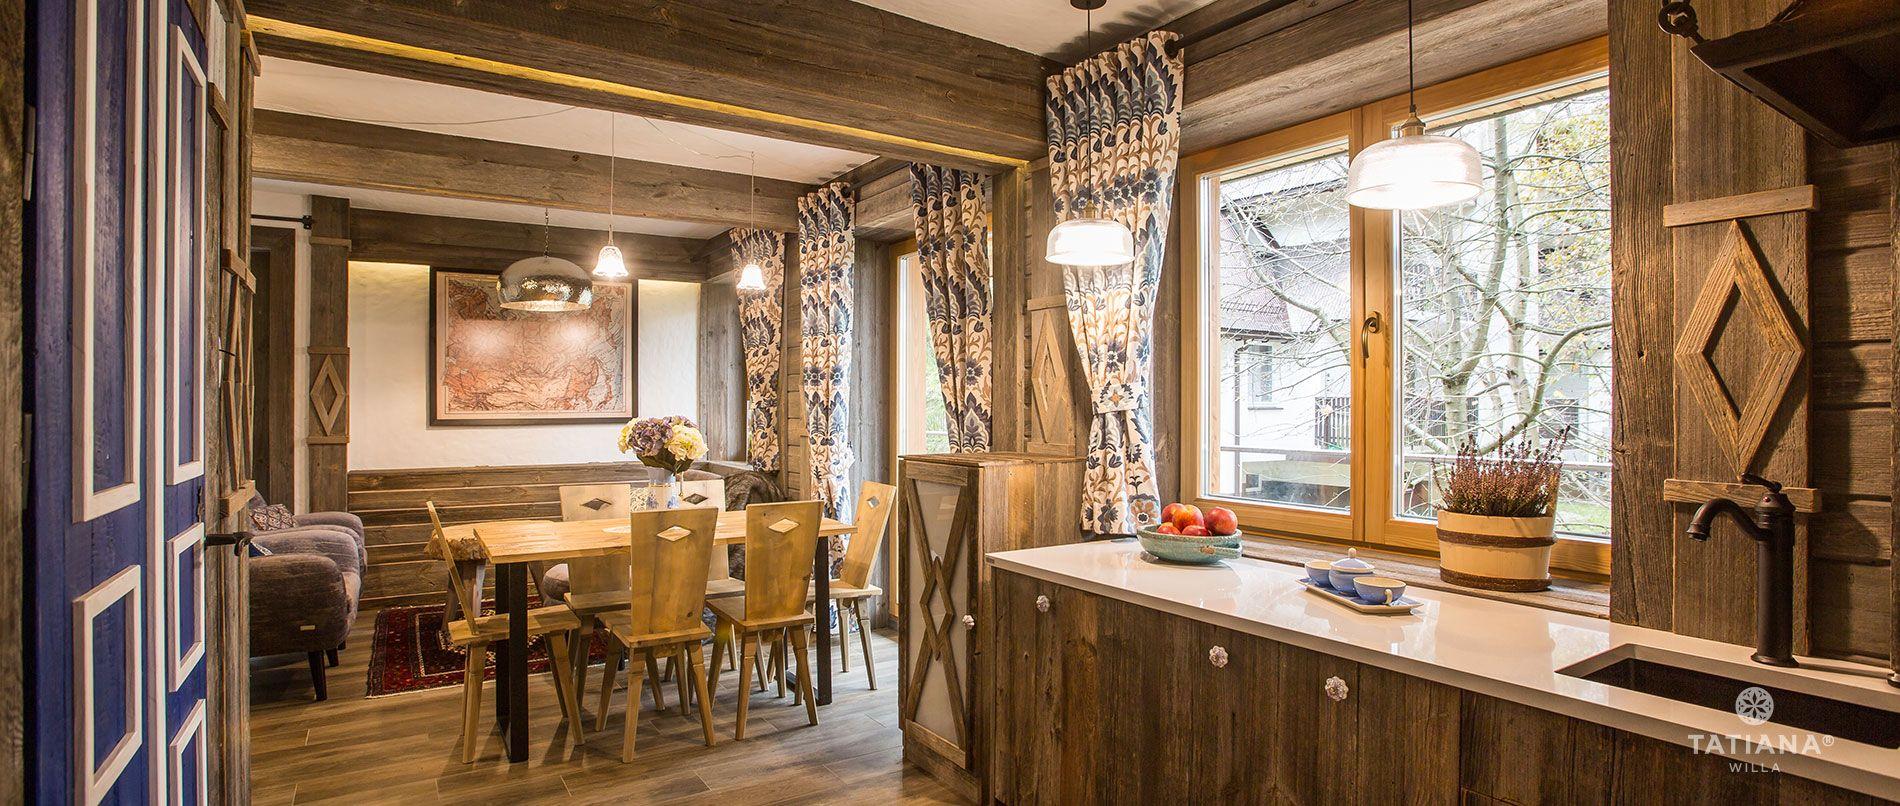 Apartament Syberyjski- aneks kuchenny